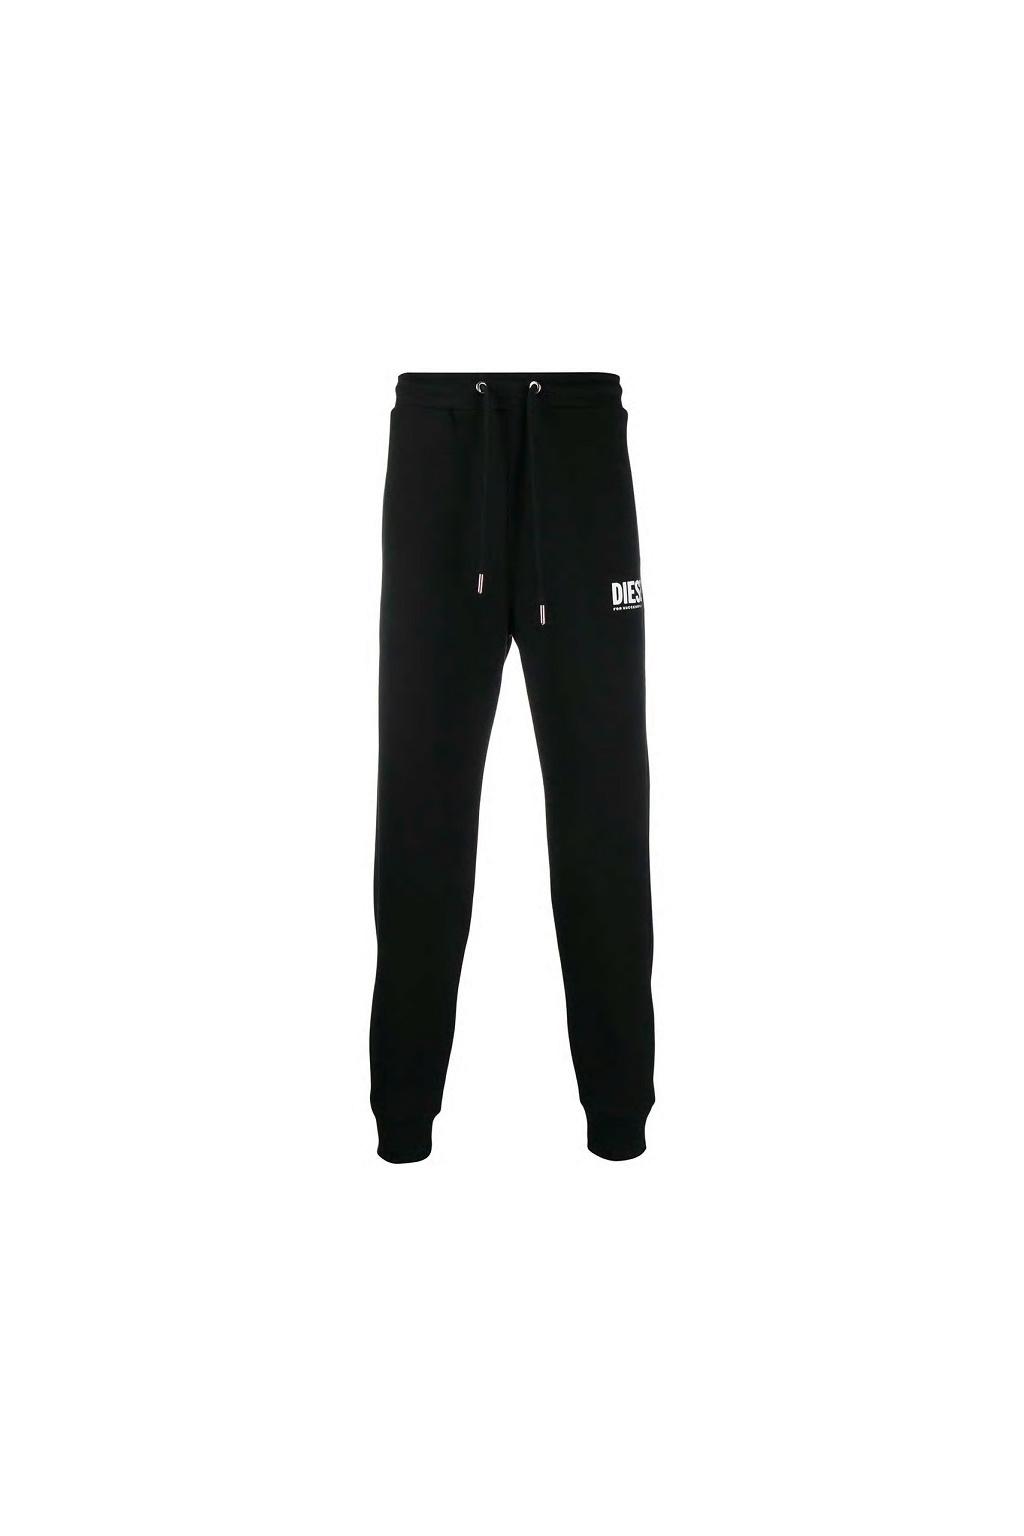 00SZLB 0BAWT Pánské teplákové kalhoty Diesel P Tary Logo černé